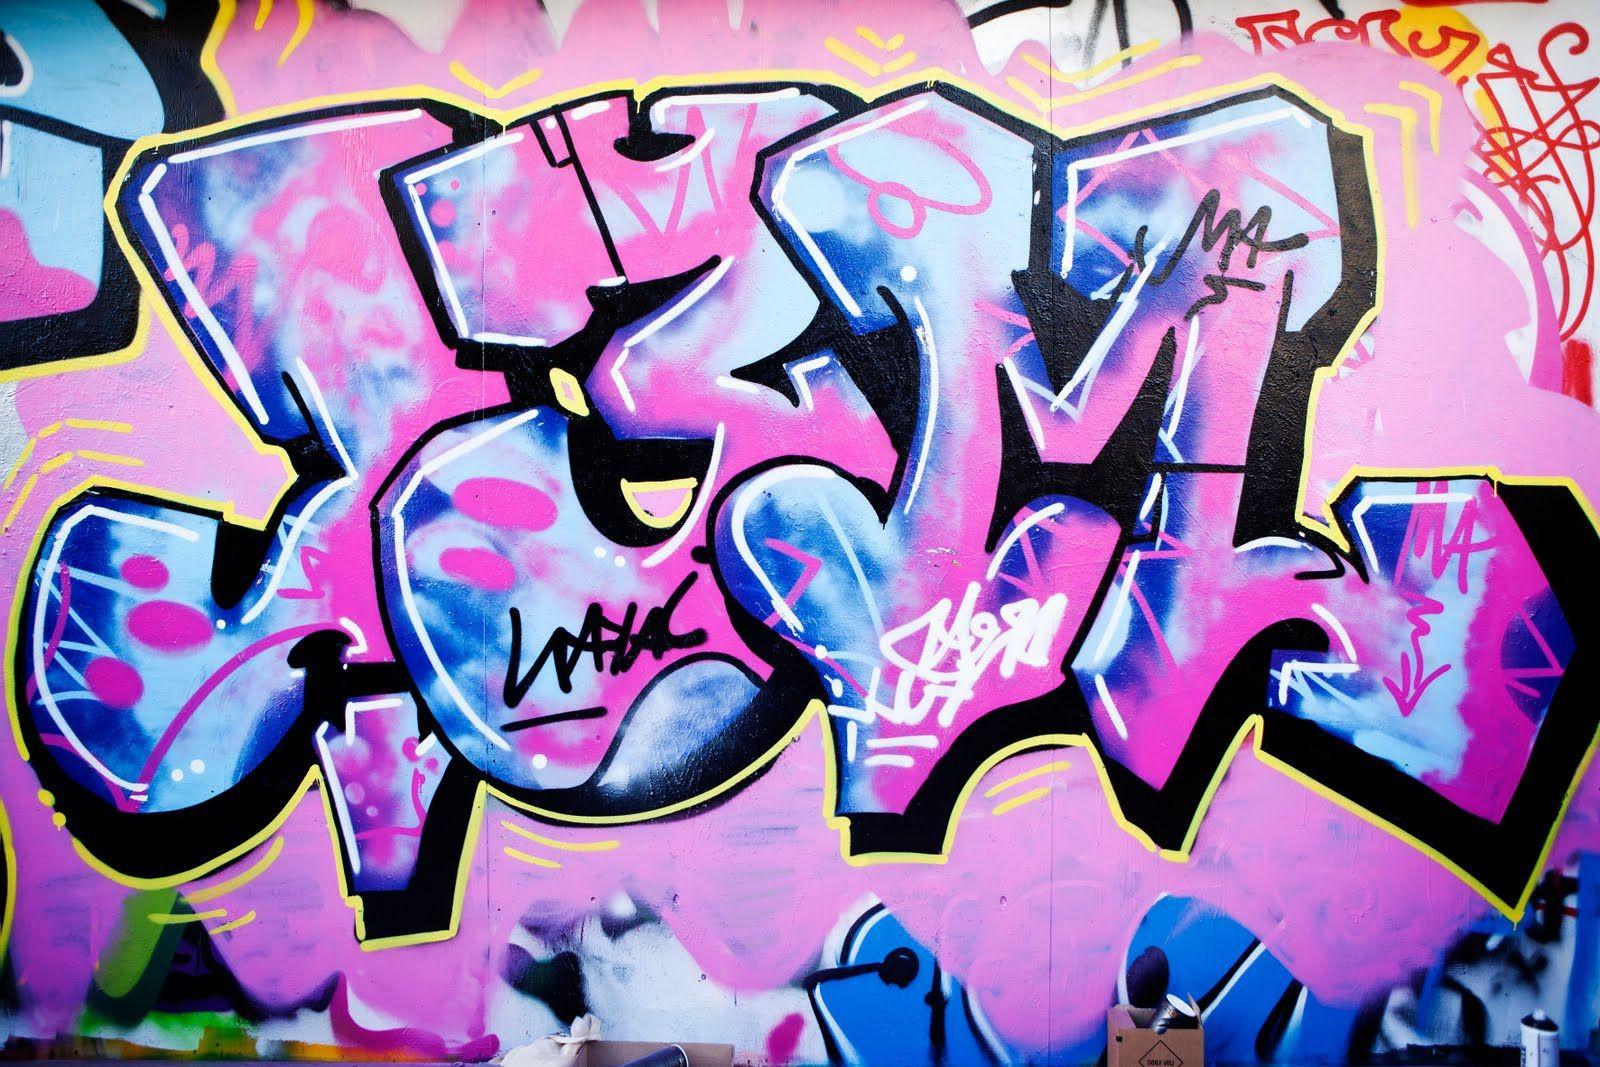 Coole Ausmalbilder Graffiti Das Beste Von 40 Fantastisch Coole Ausmalbilder Graffiti – Große Coloring Page Fotografieren